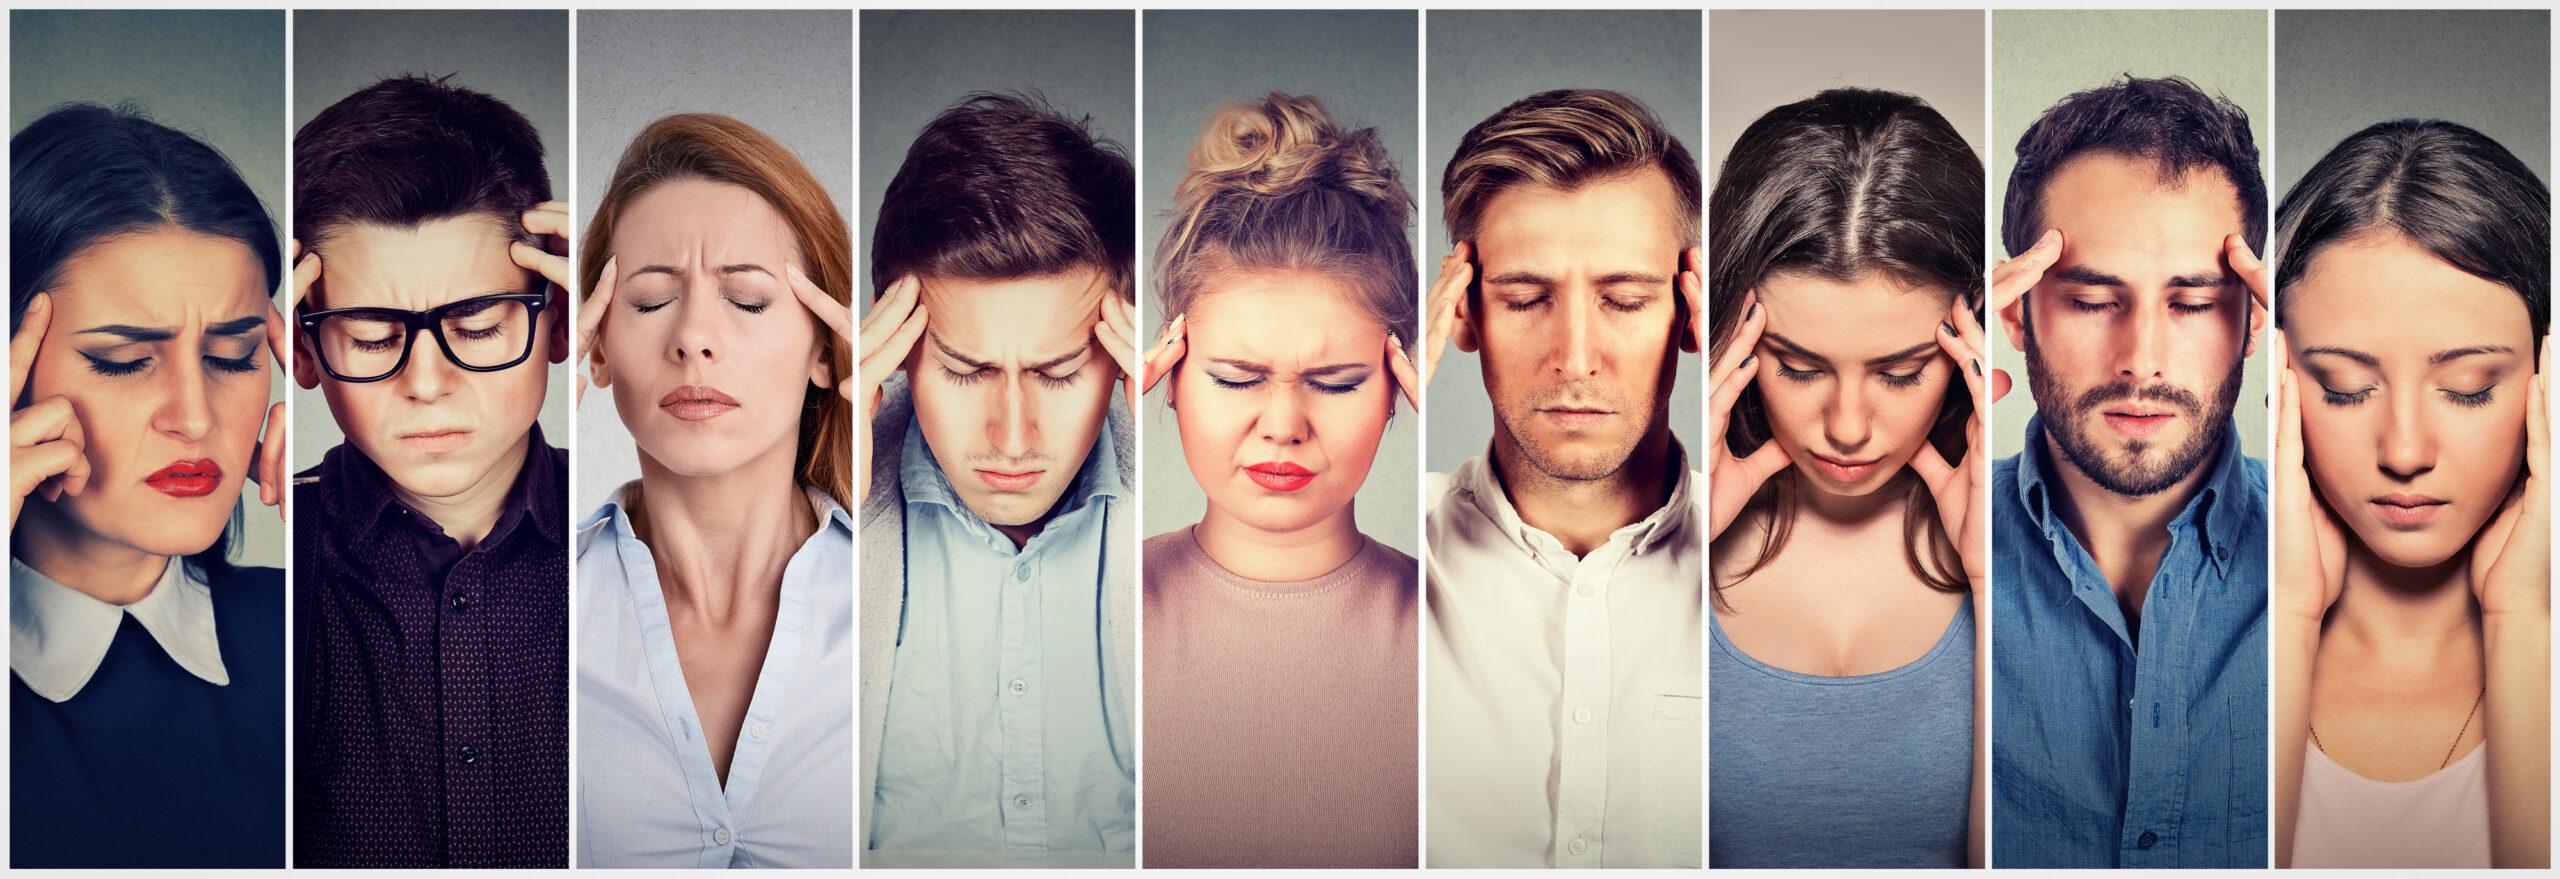 Kopfschmerzen in der Traditionellen Chinesischen Medizin